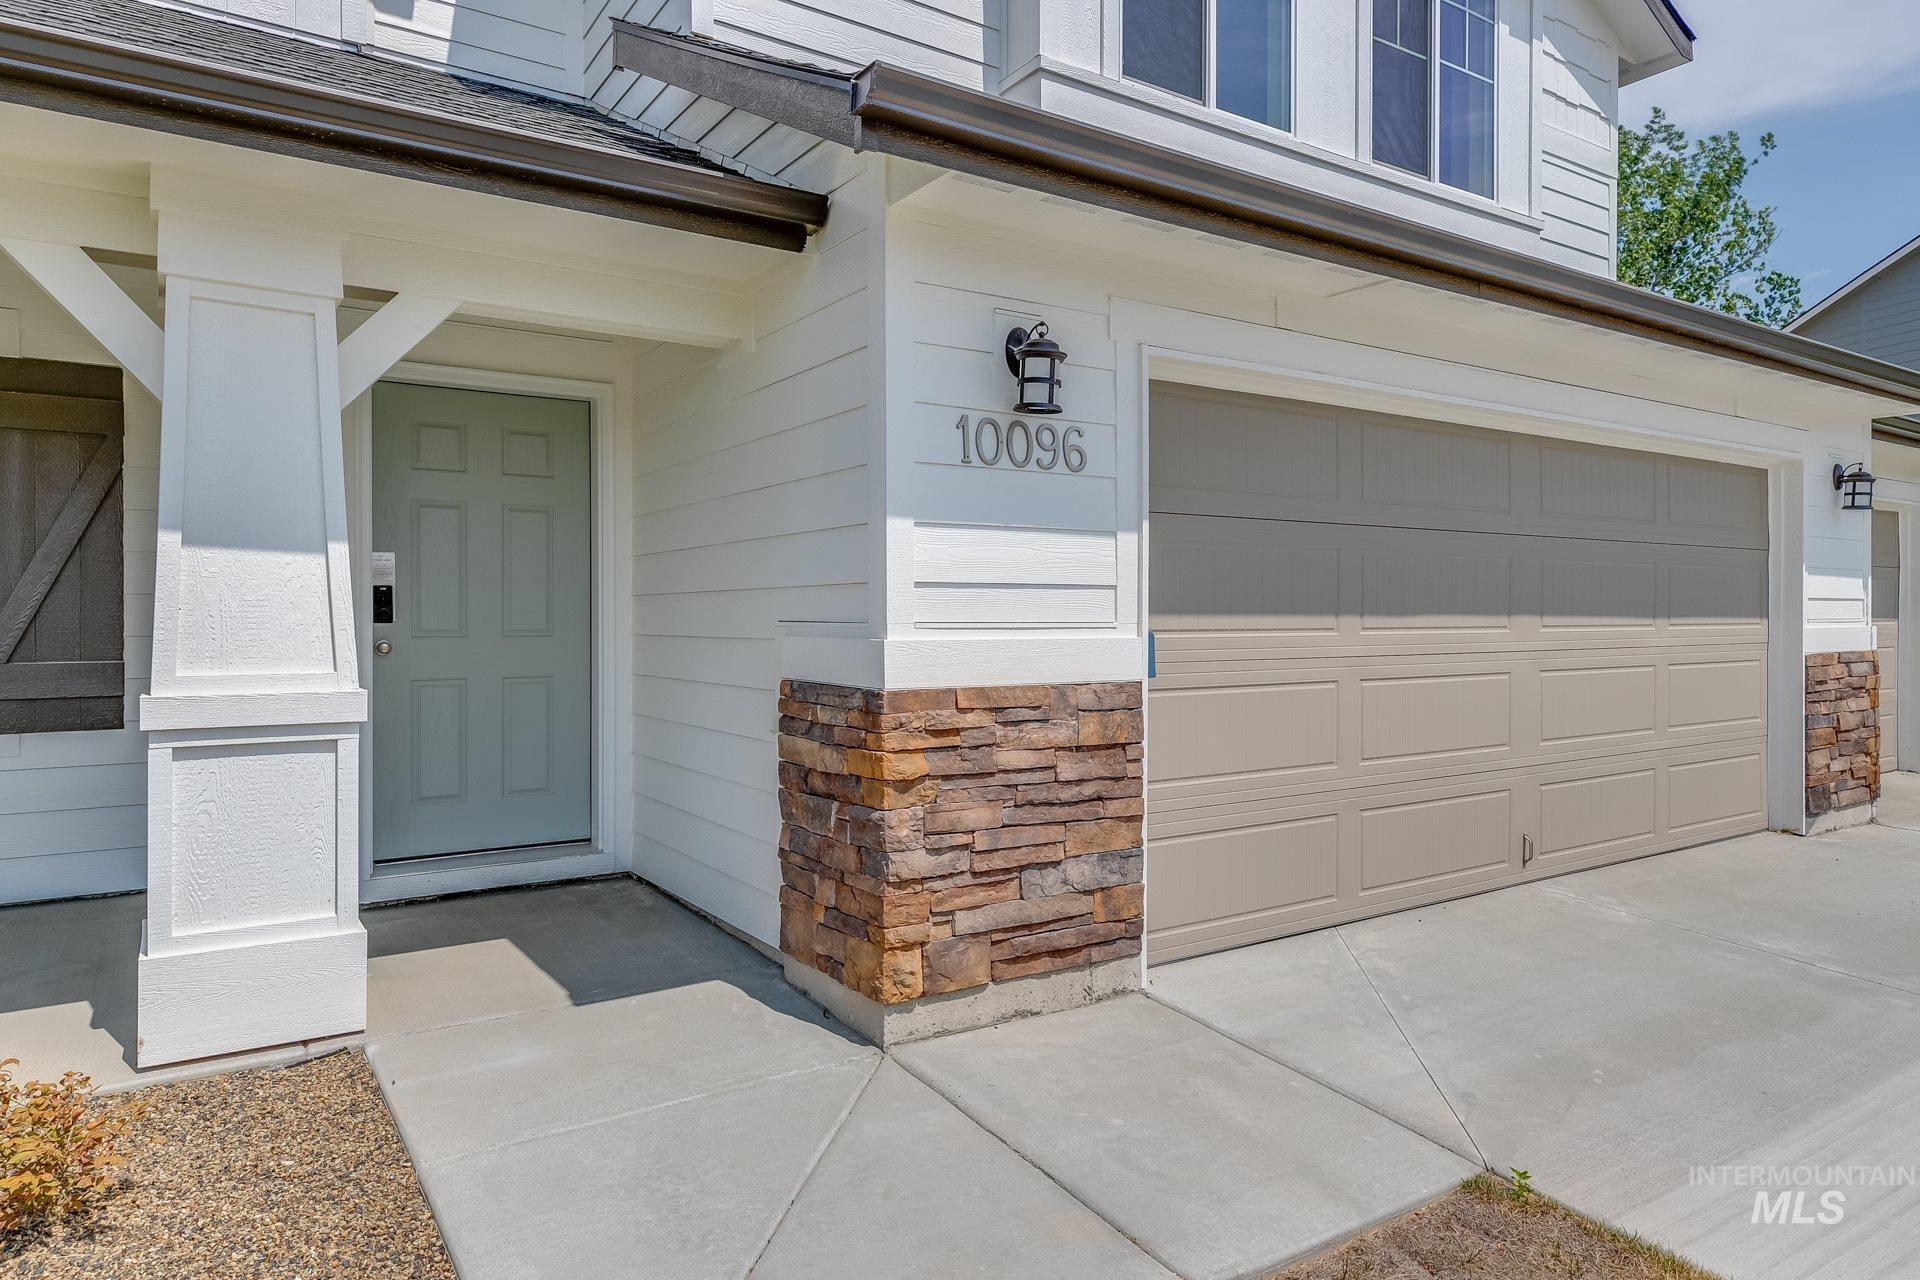 Photo of 10096 W Campville St, Boise, ID 83709 (MLS # 98768488)